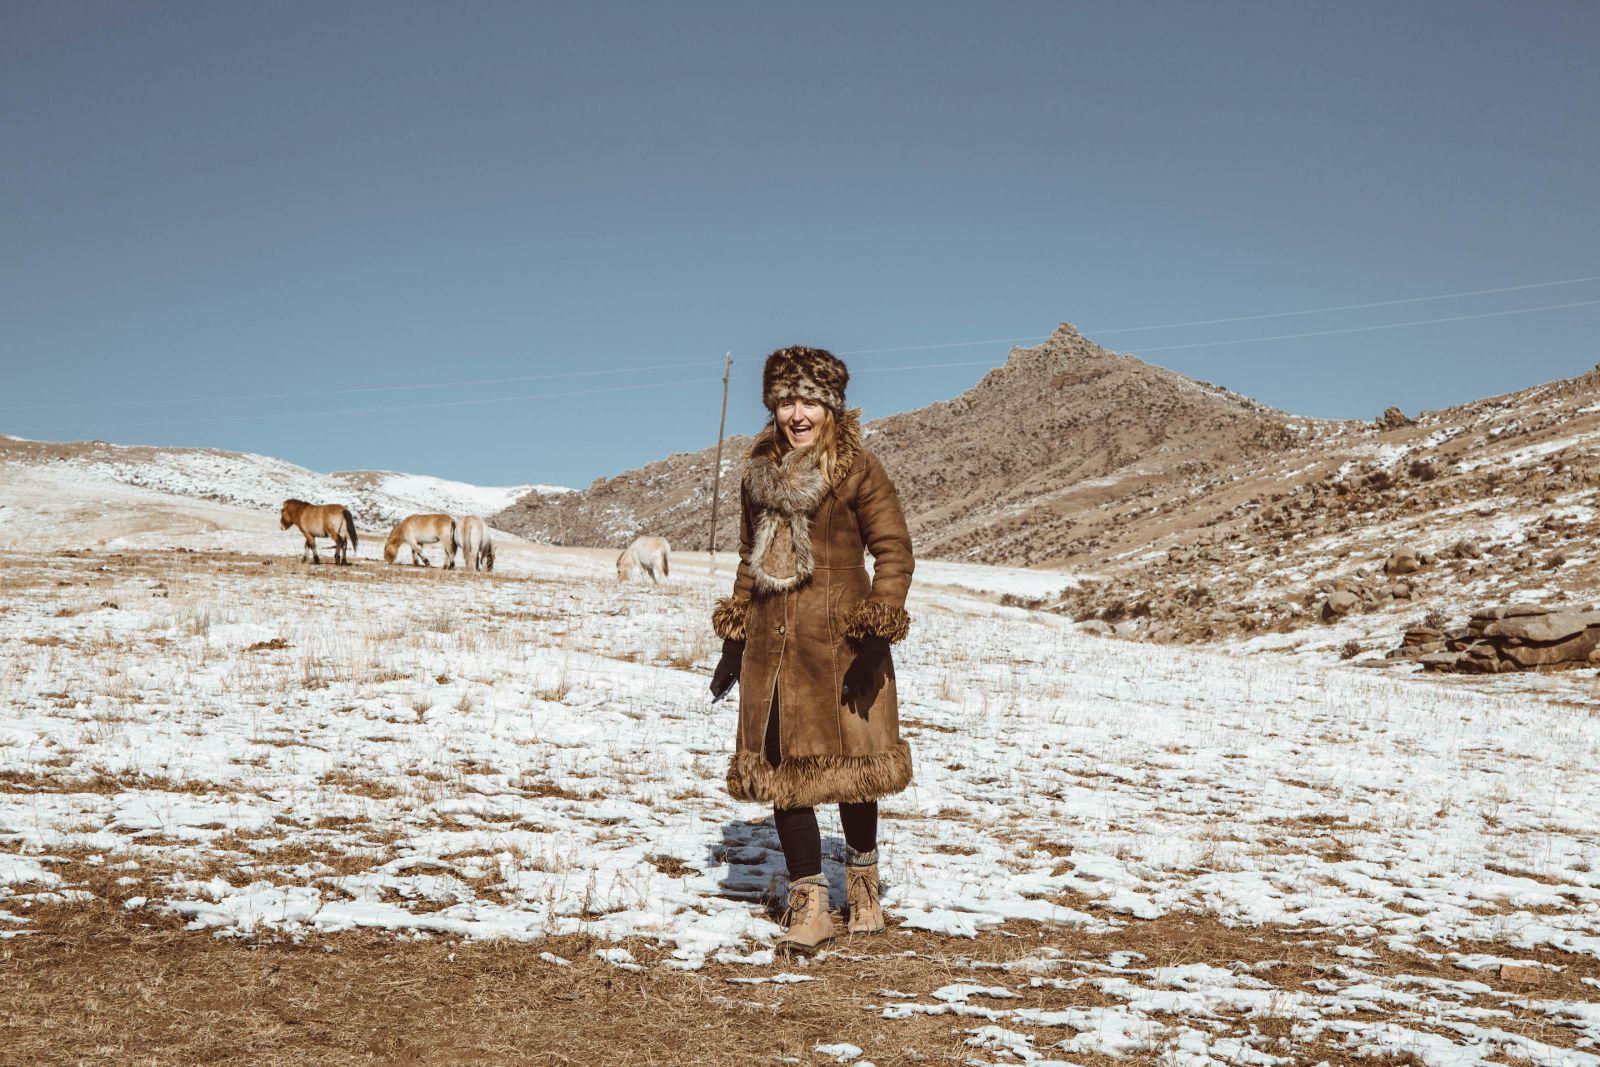 Khustain National Park Mongolia